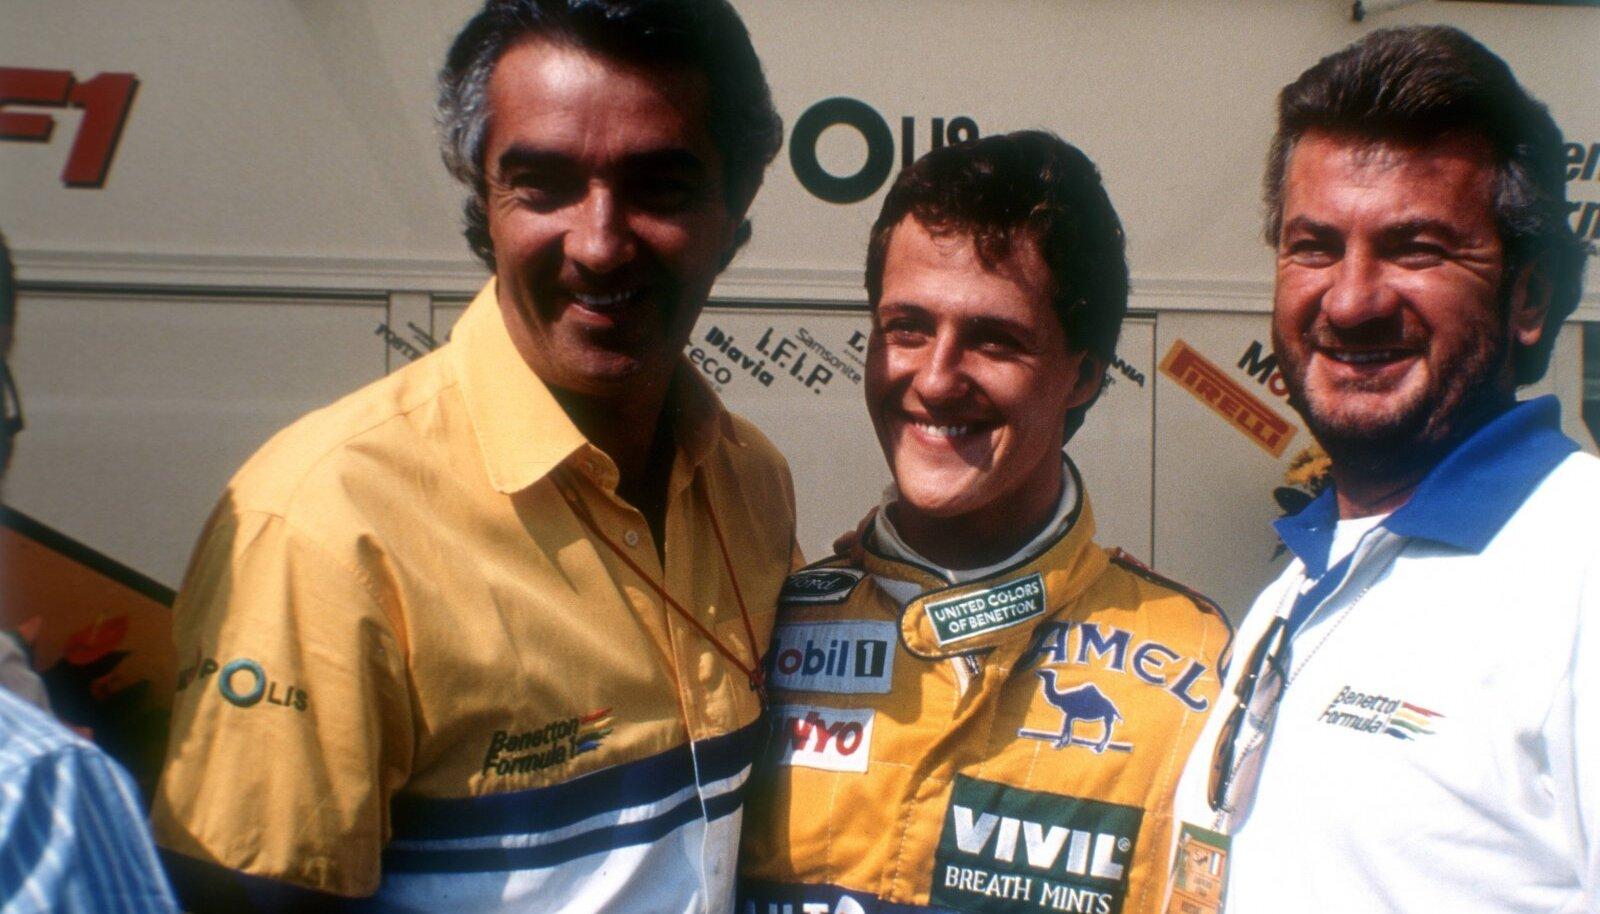 Aasta 1992. Benettoni pealik Flavia Briatore, Michael Schumacher ja tema mänedžer Willi Weber